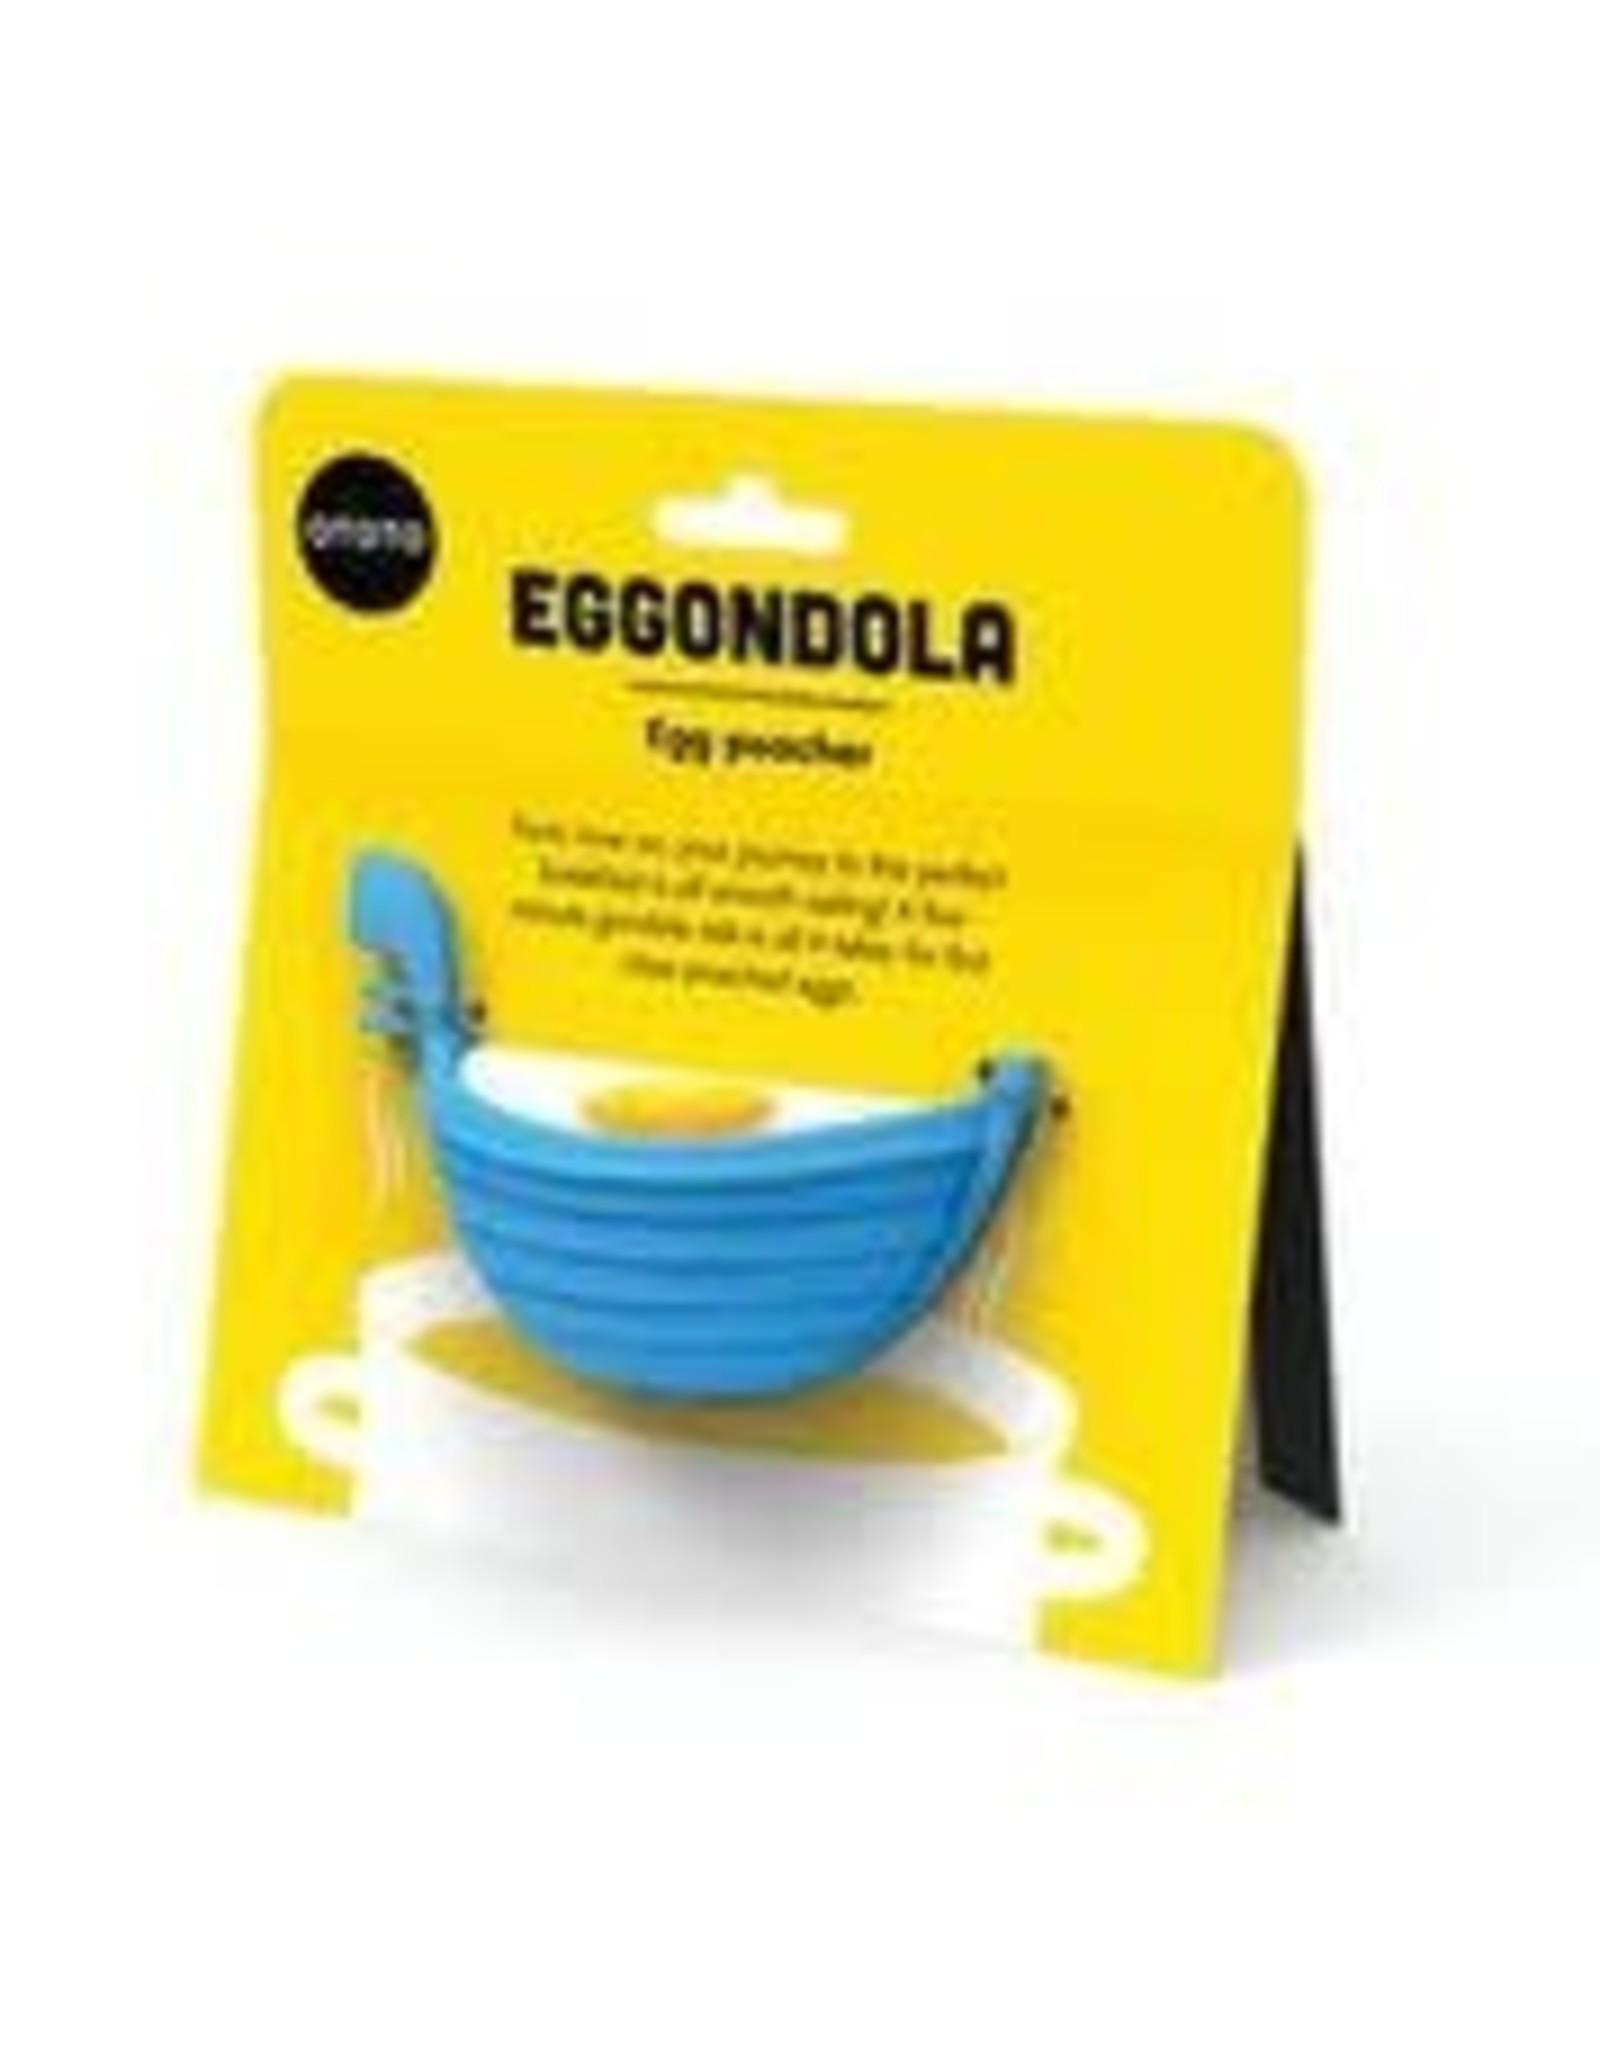 Ototo blue egg poacher - eggondola